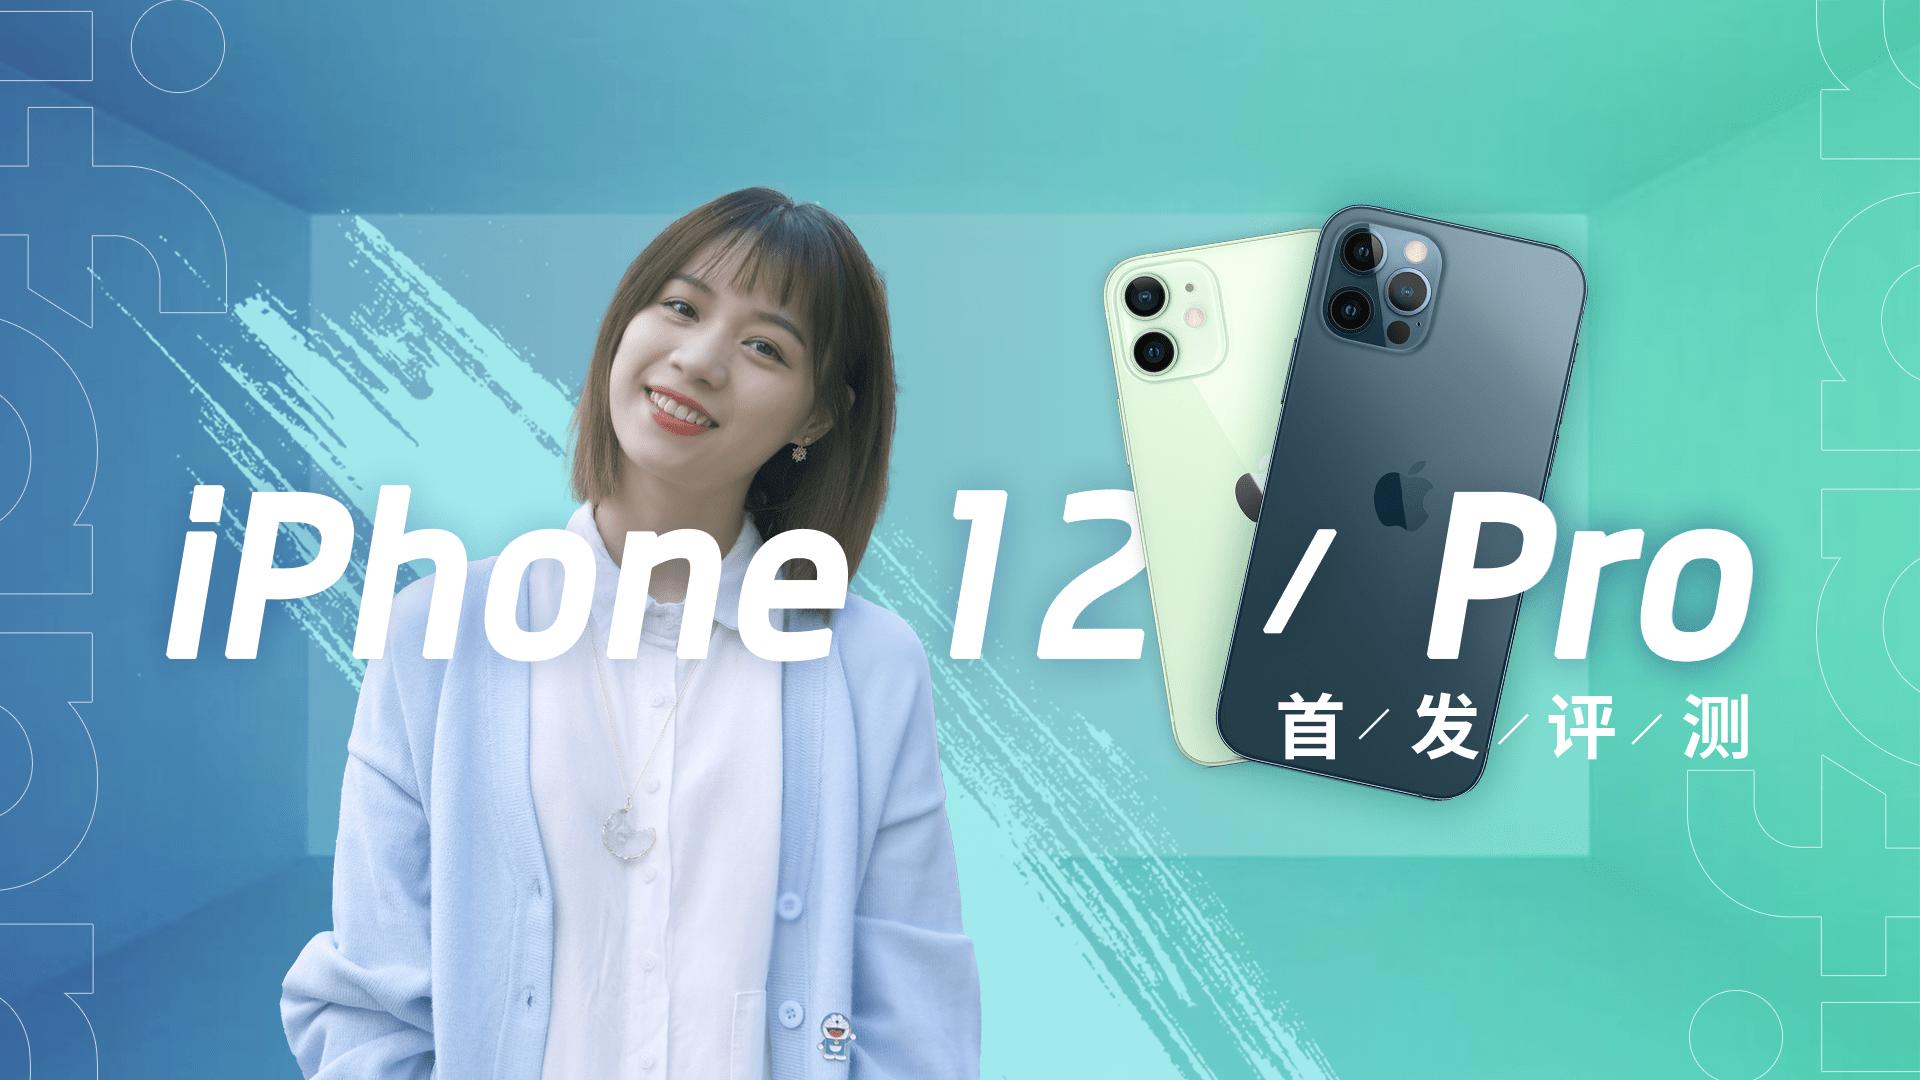 iPhone 12、12 Pro 首发评测:5G 速度快,信号好多了!